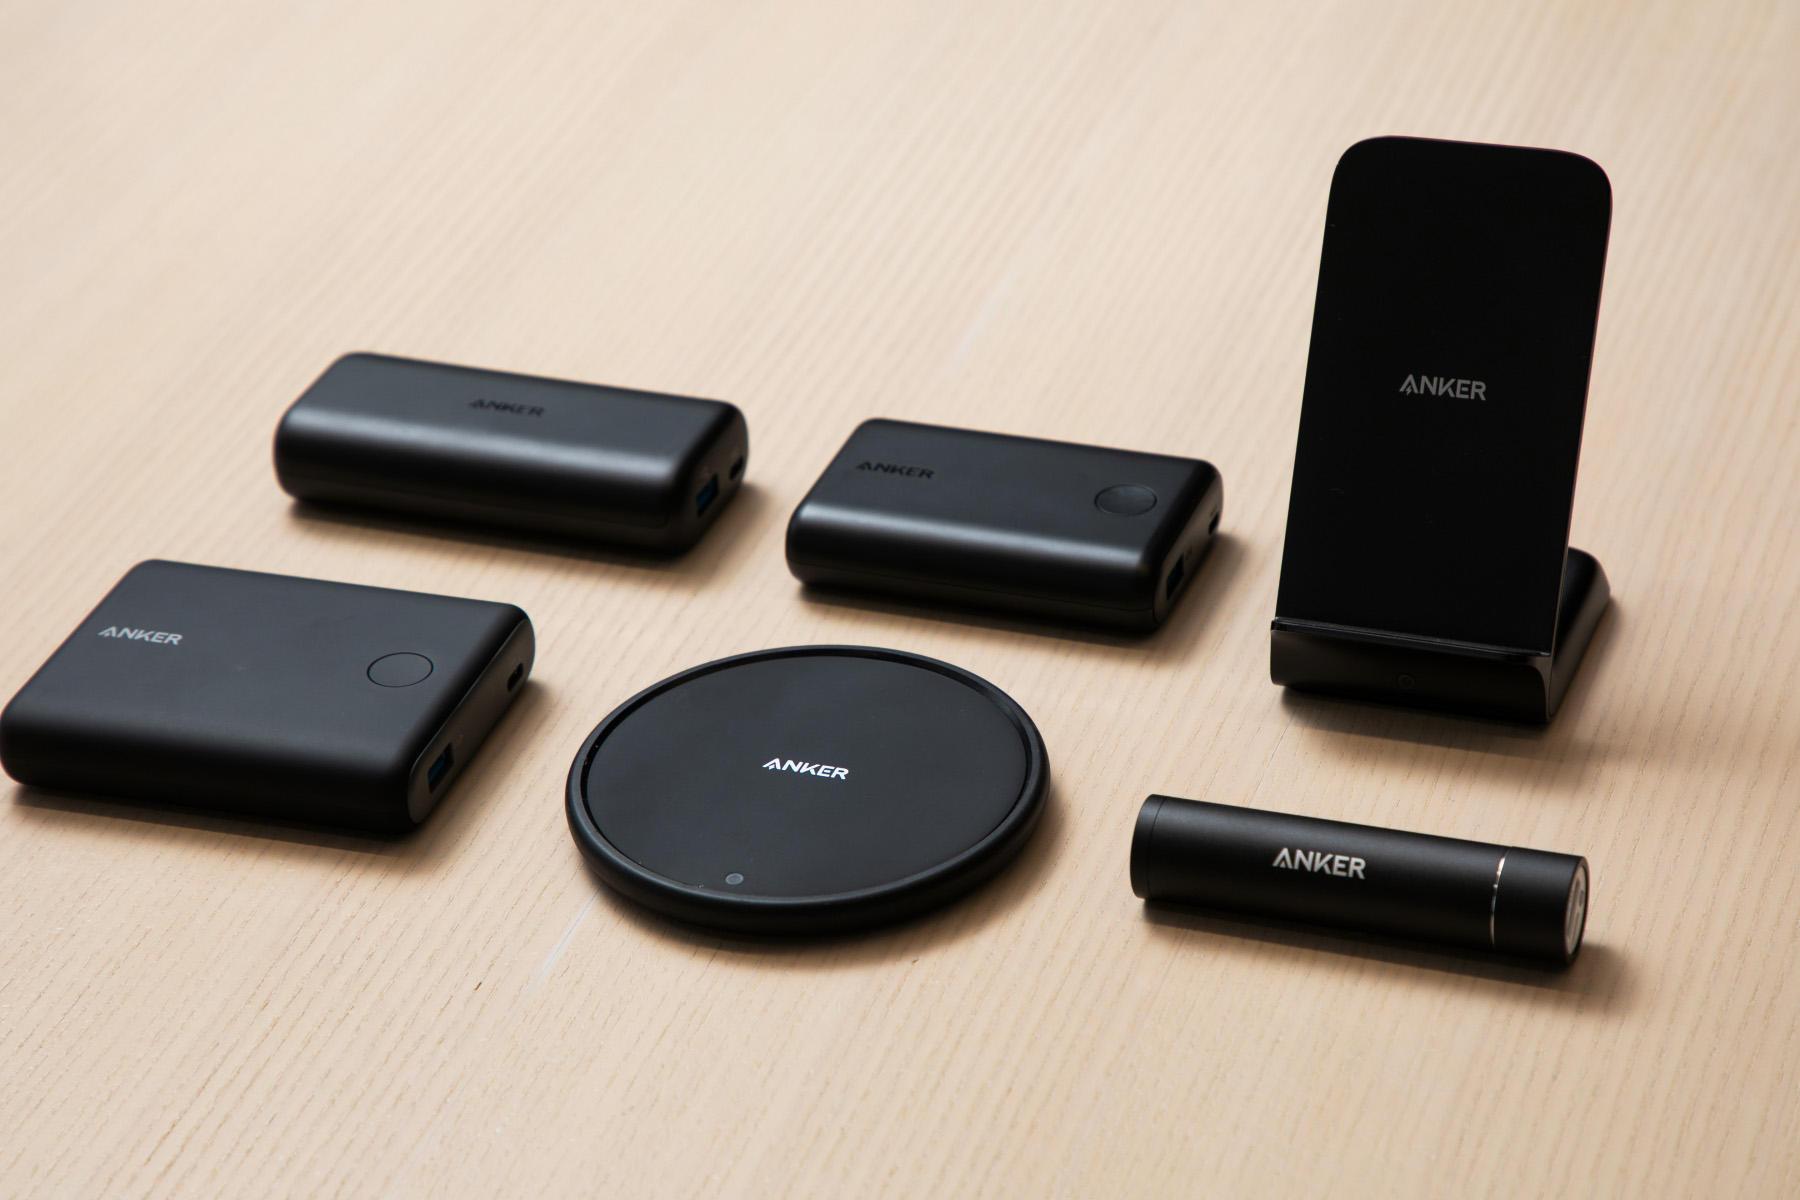 サイズや容量、様々なバリエーションがあるAnkerのモバイルバッテリー